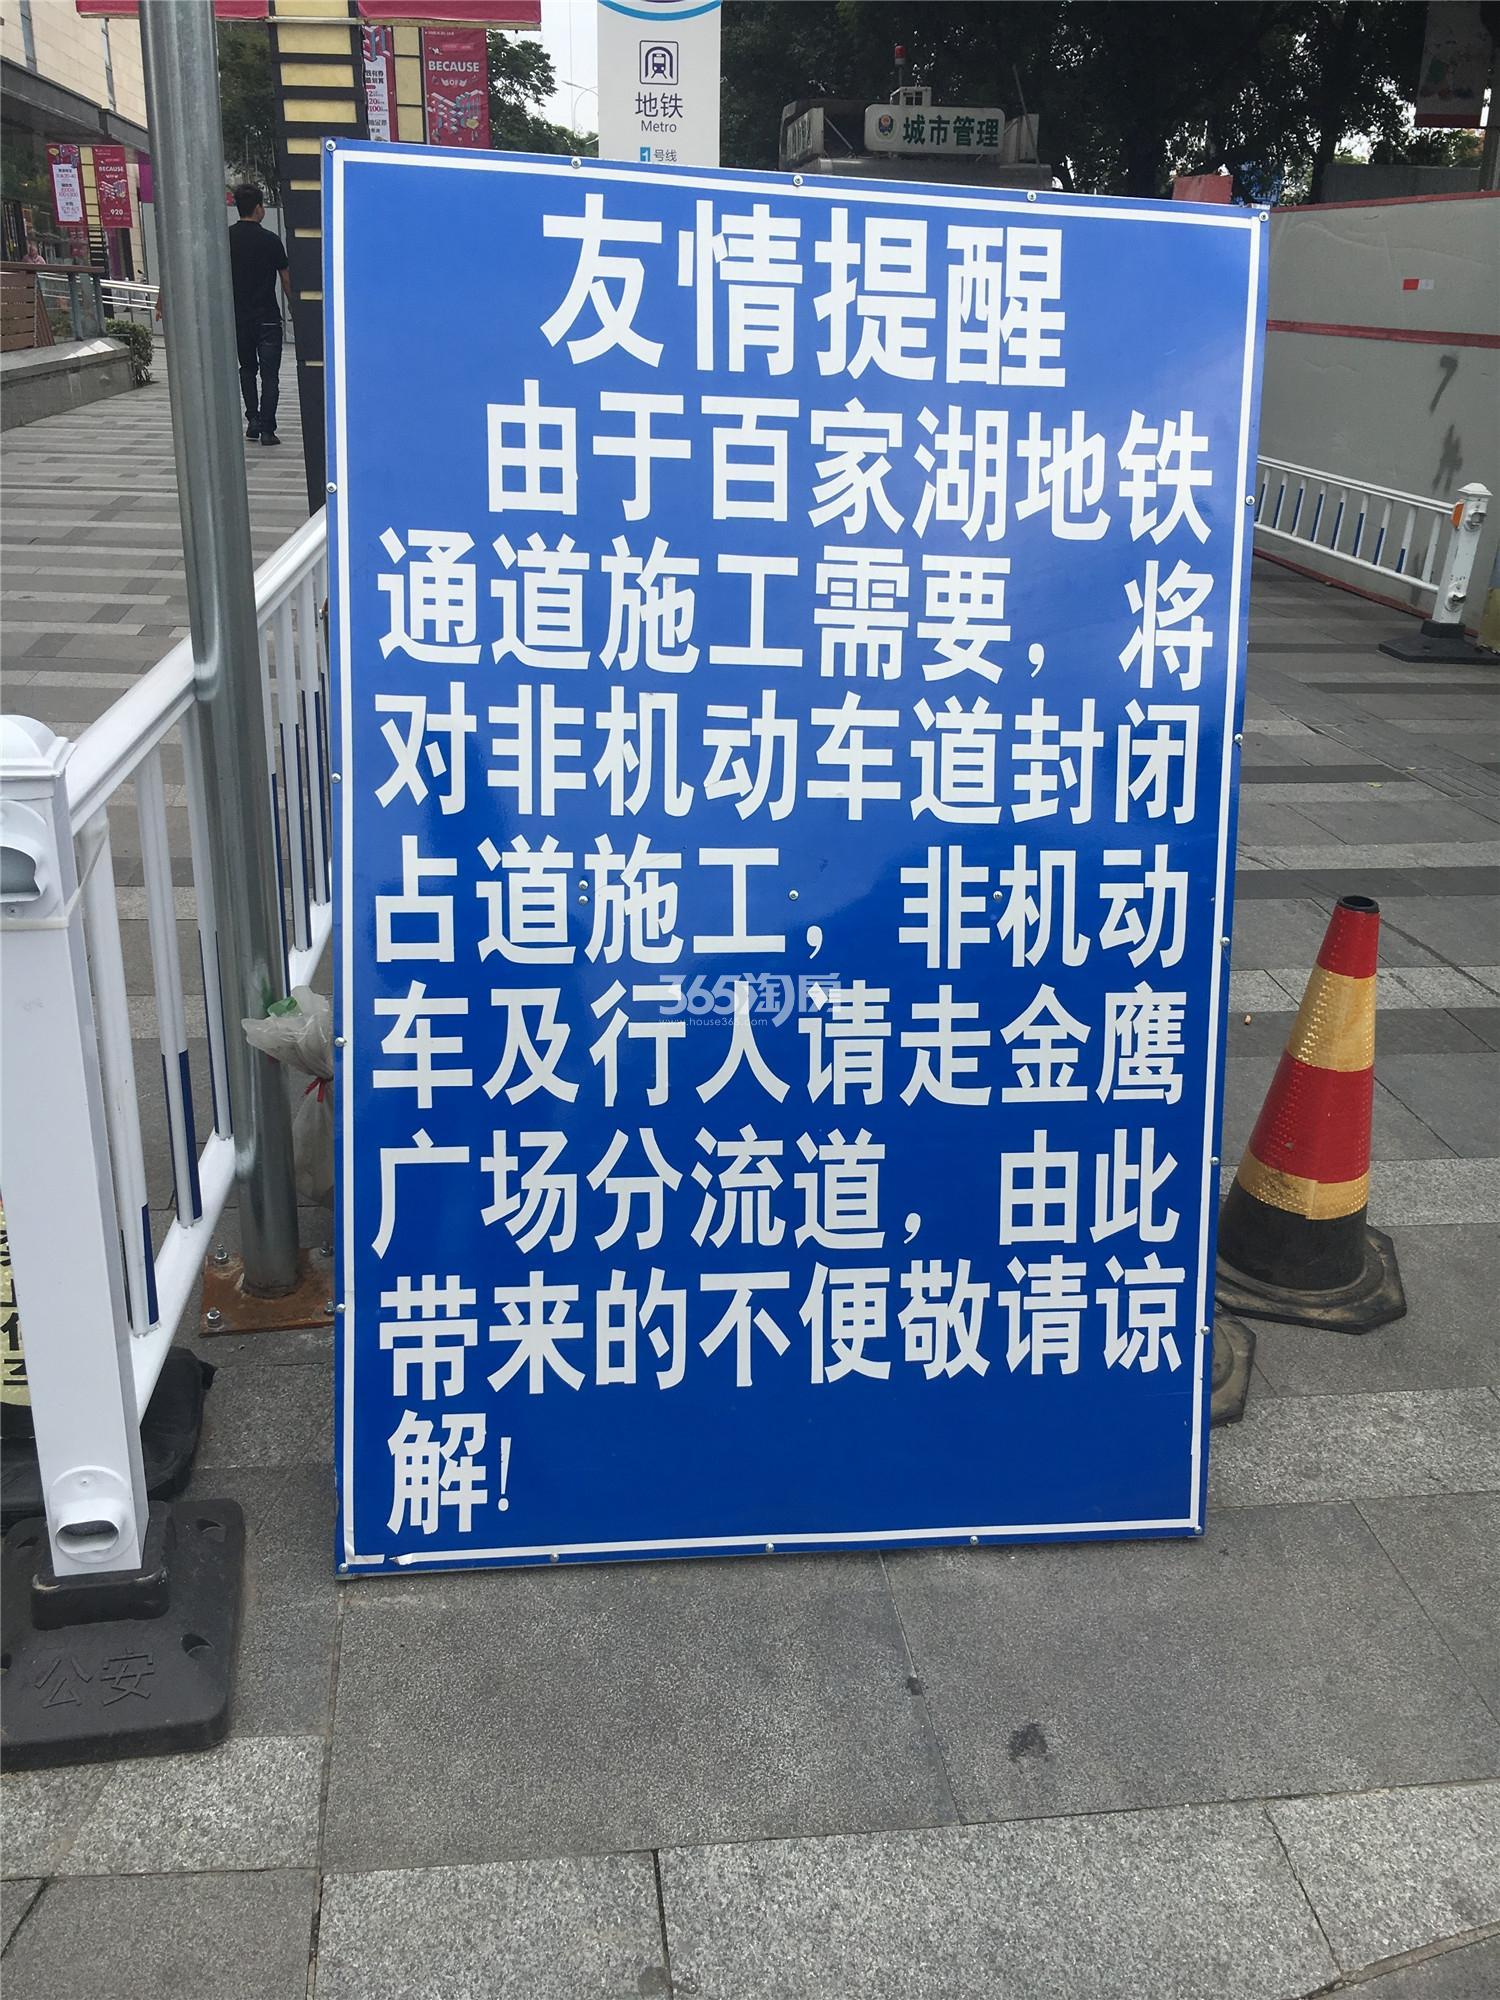 21世纪太阳城银座周边交通(2.23)